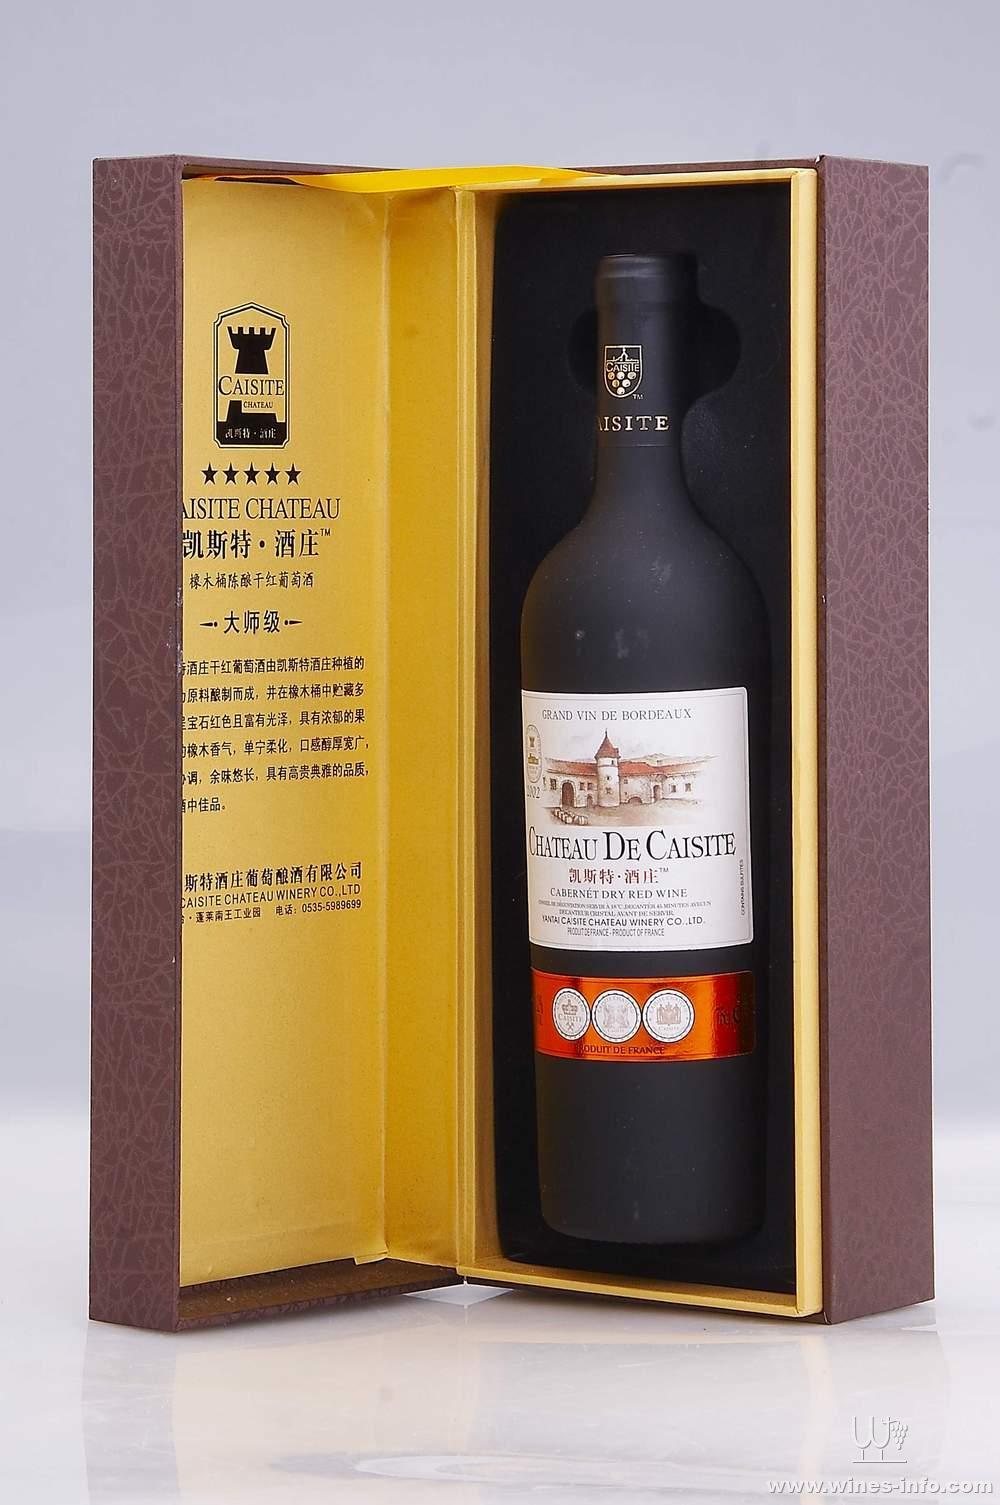 橡木桶陈酿礼盒干红:中国葡萄酒资讯网